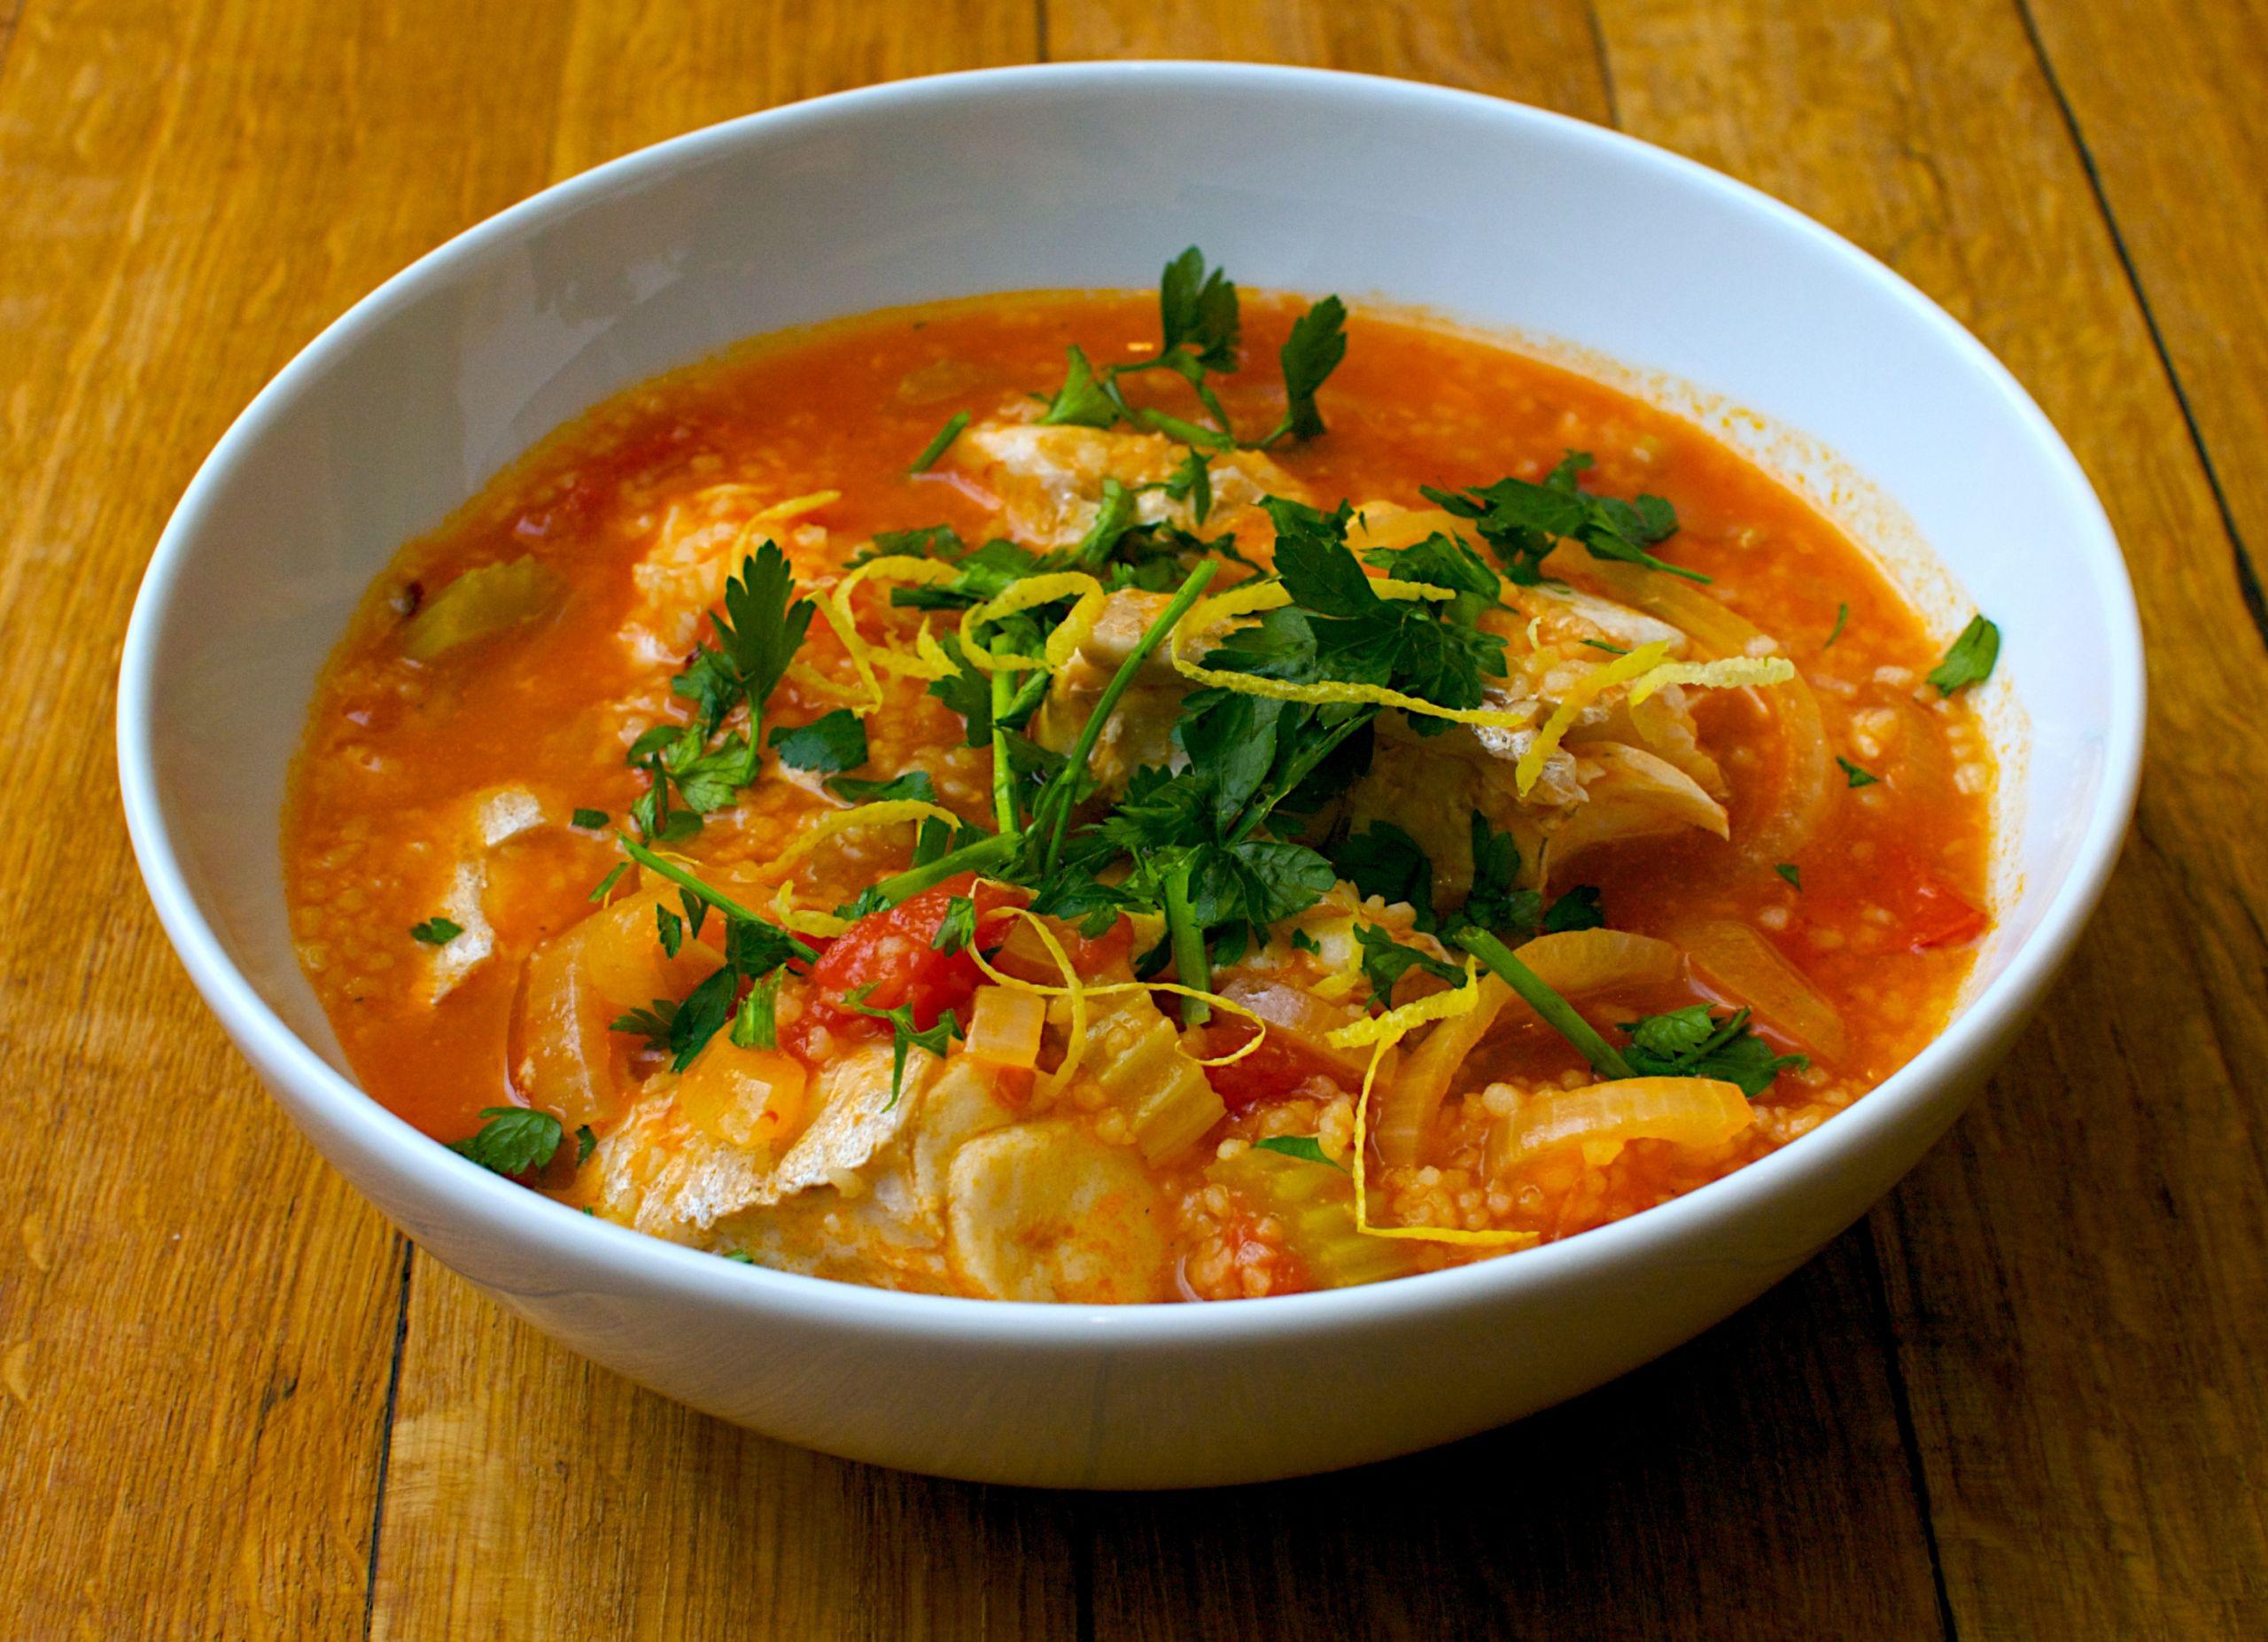 Recipes For Fish Stew  Fish Stew Recipe — Dishmaps